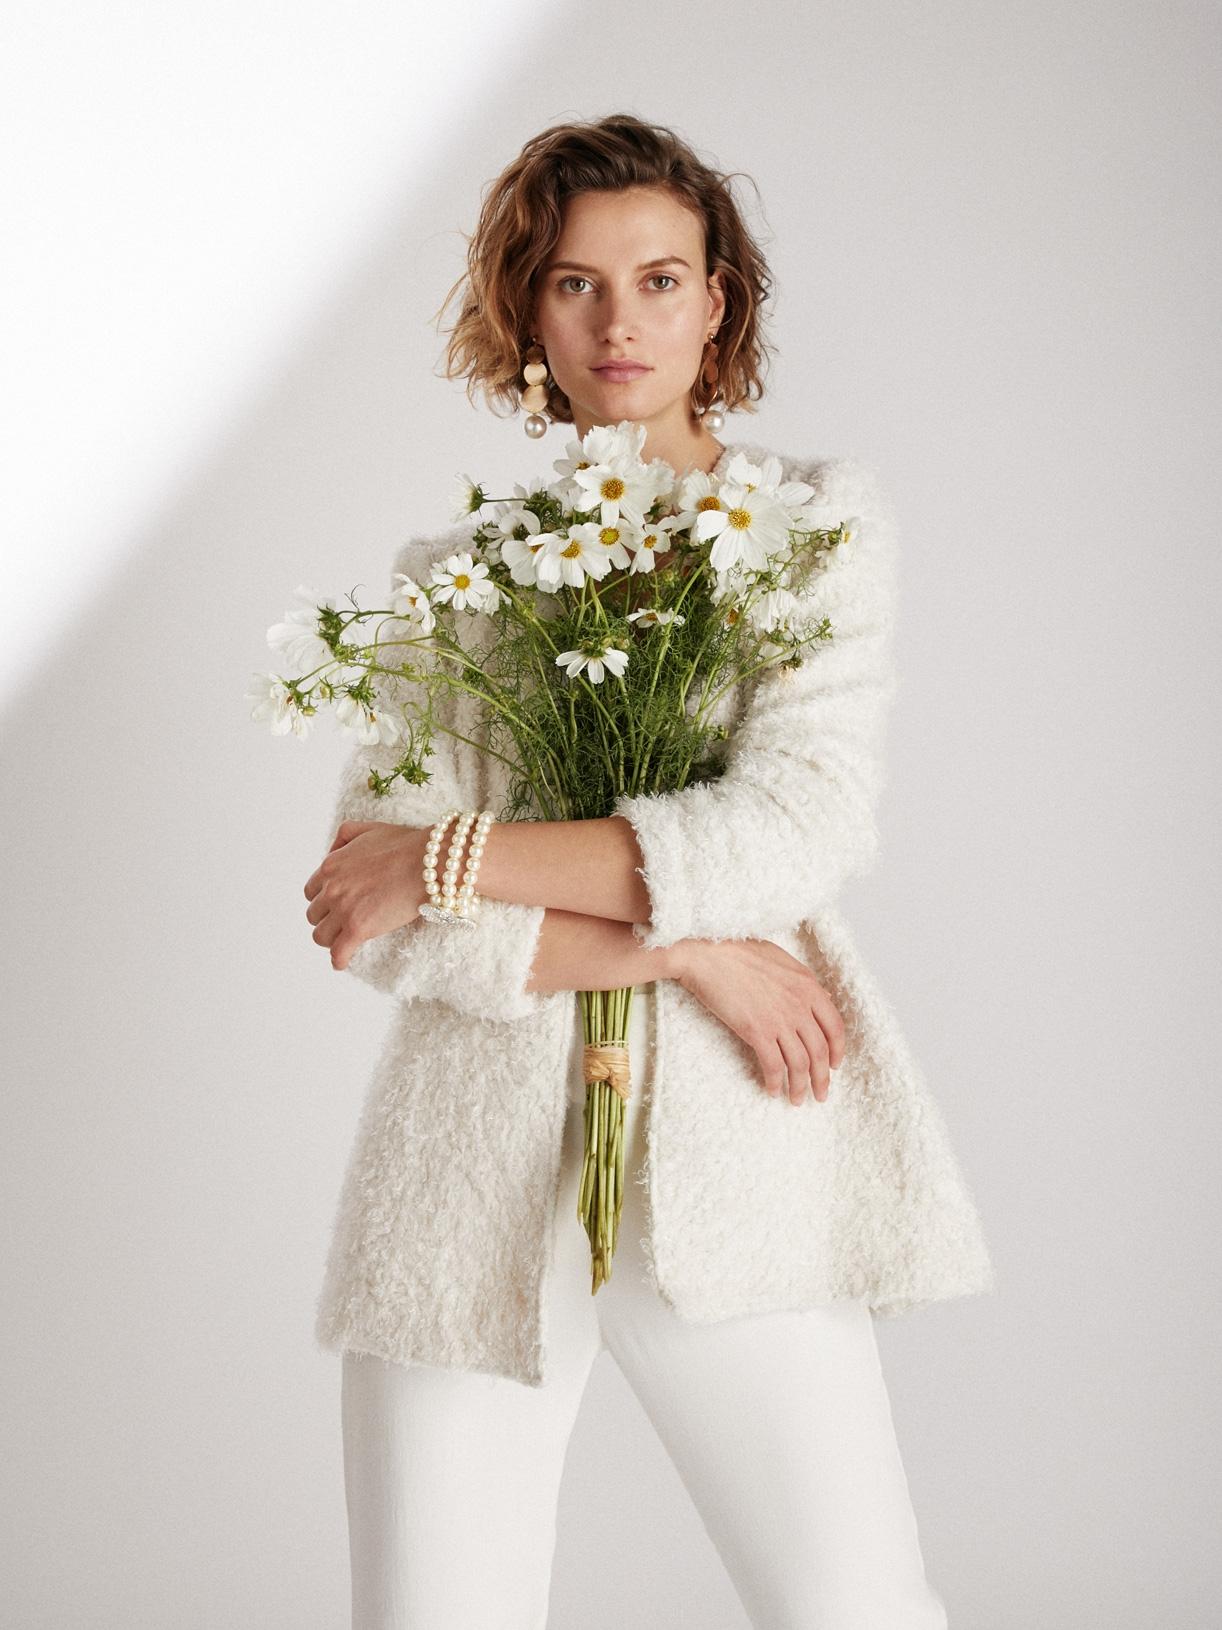 NOA - Veste de mariée pour mariage en automne ou hiver éthique et sur-mesure - Myphilosophy